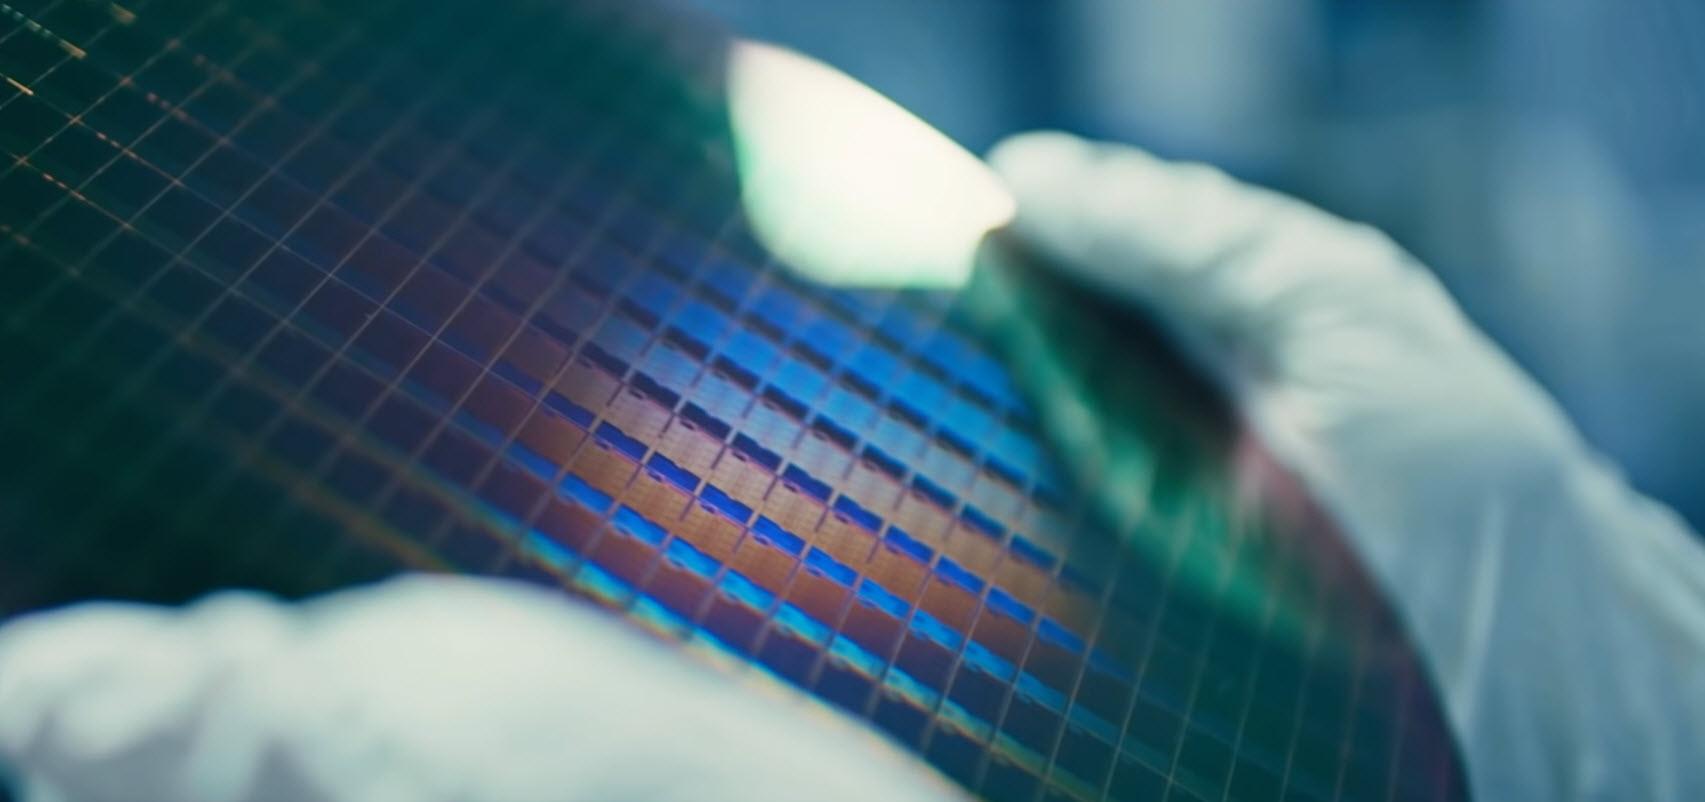 2020 12 28 10 10 44 Intel ขยายการผลิตเทคโนโลยี 10nm เพื่อรองรับความต้องการของลูกค้าในปัจจุบันและอนาคต